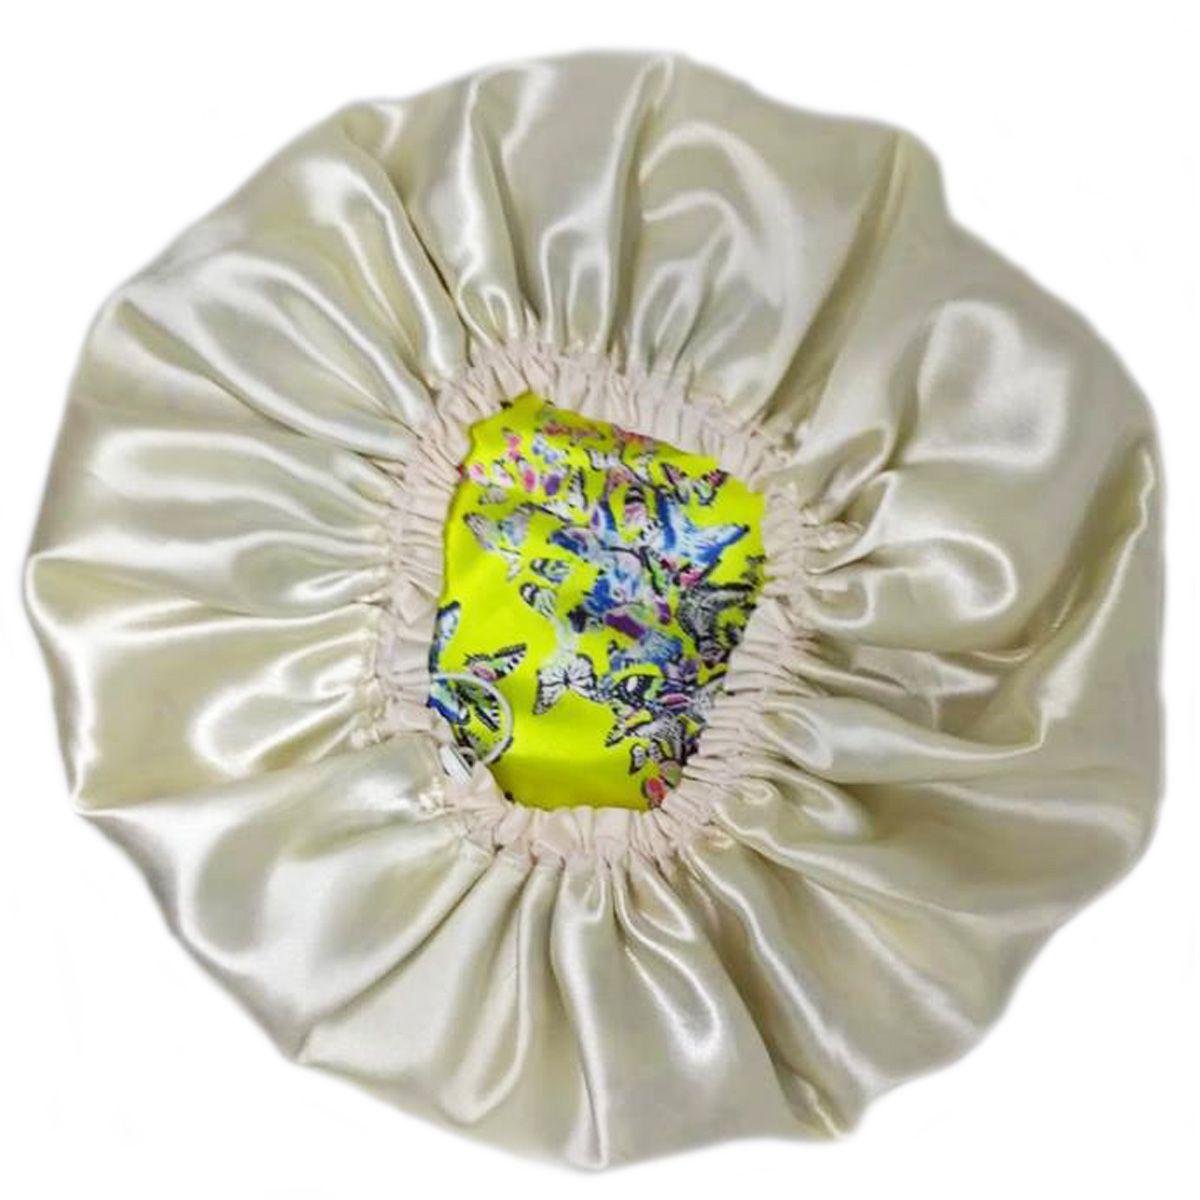 Touca de Cetim Dupla Face Amarela com Borboletas - Ajustável